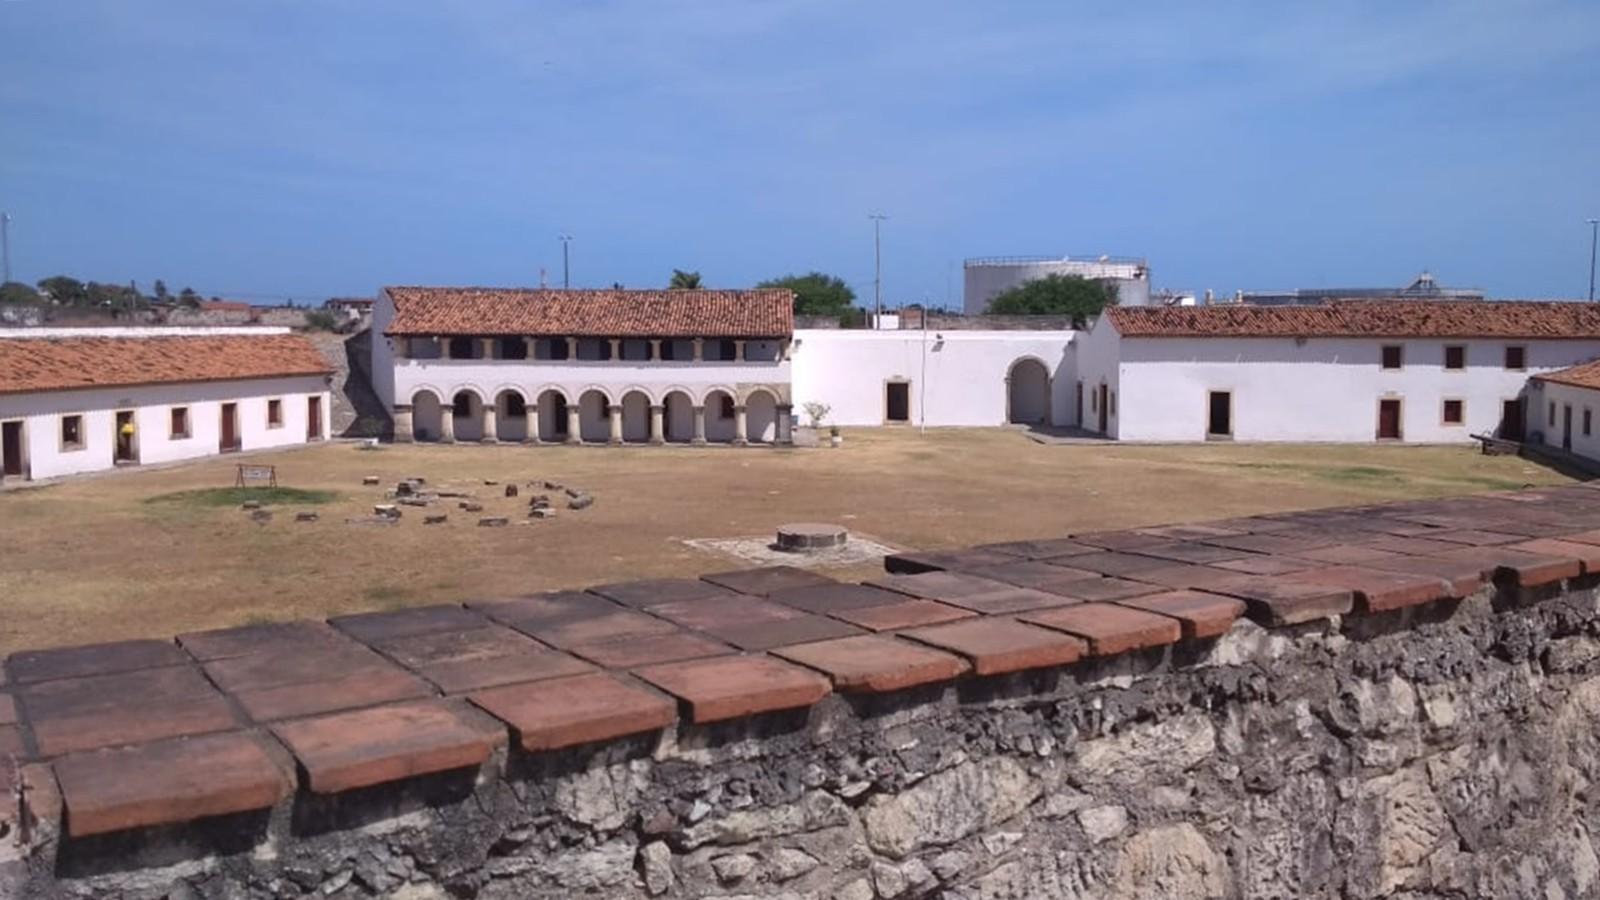 MPF recomenda que Iphan adote medidas de prevenção de incêndio no Forte de Santa Catarina, na PB - Notícias - Plantão Diário